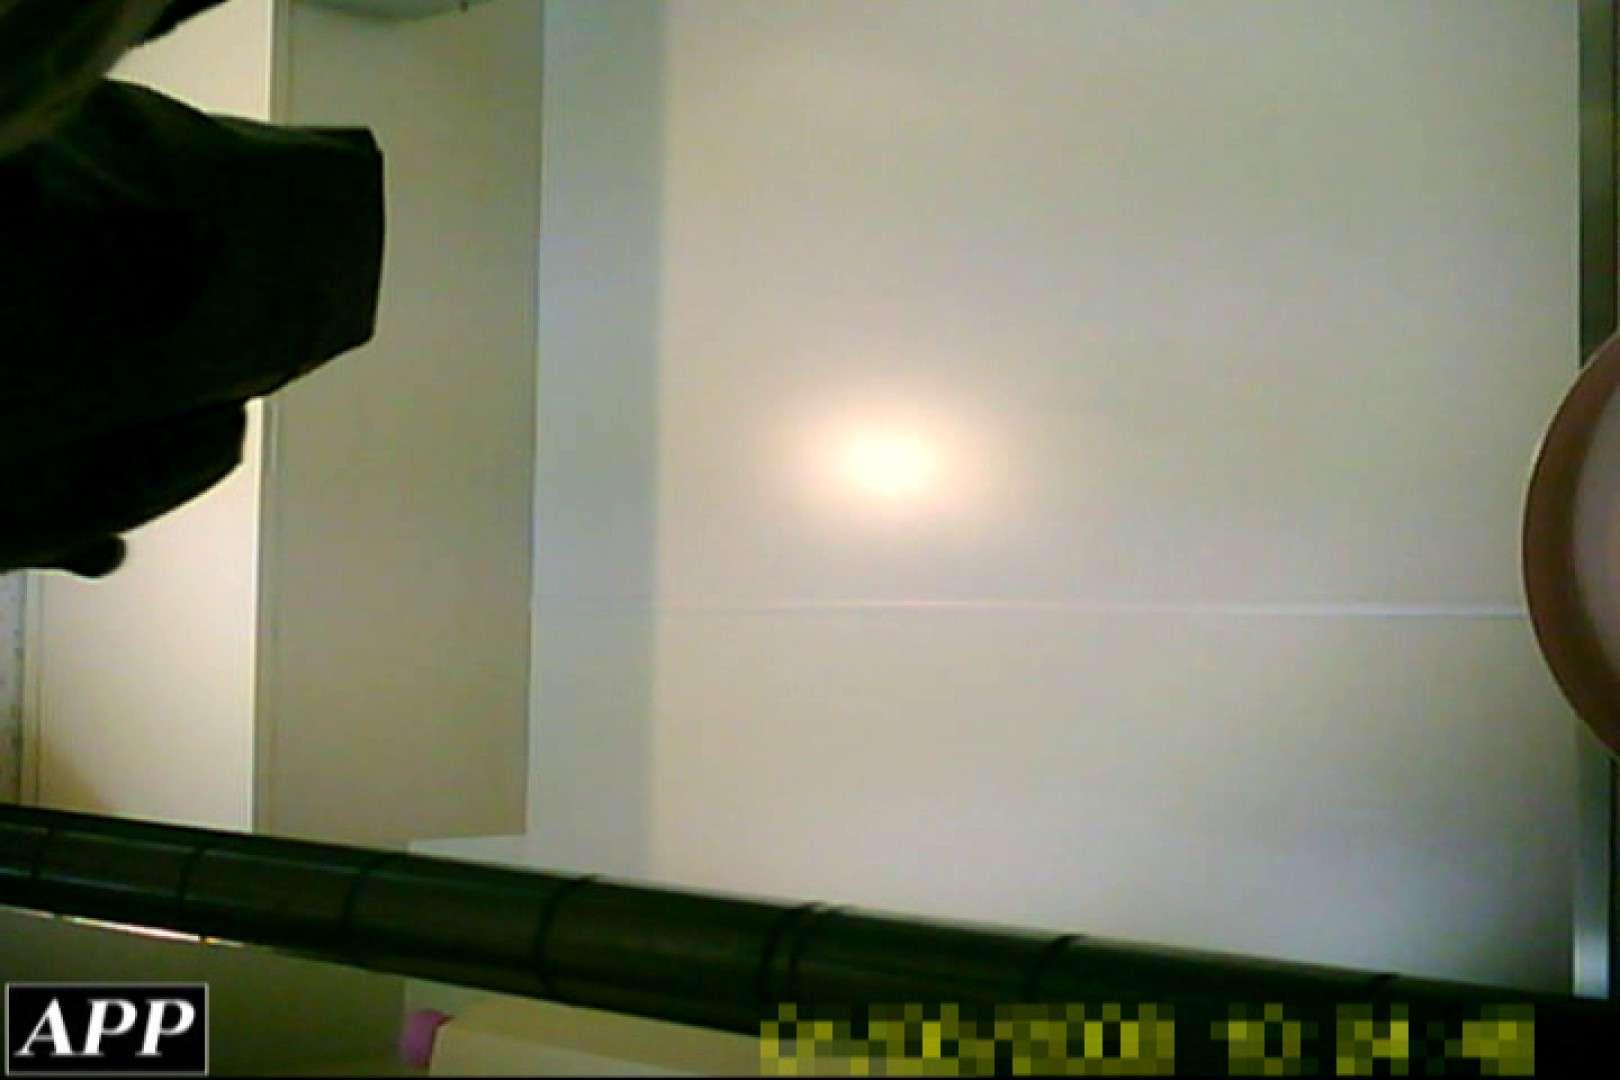 3視点洗面所 vol.087 OLエロ画像   洗面所  83PICs 33